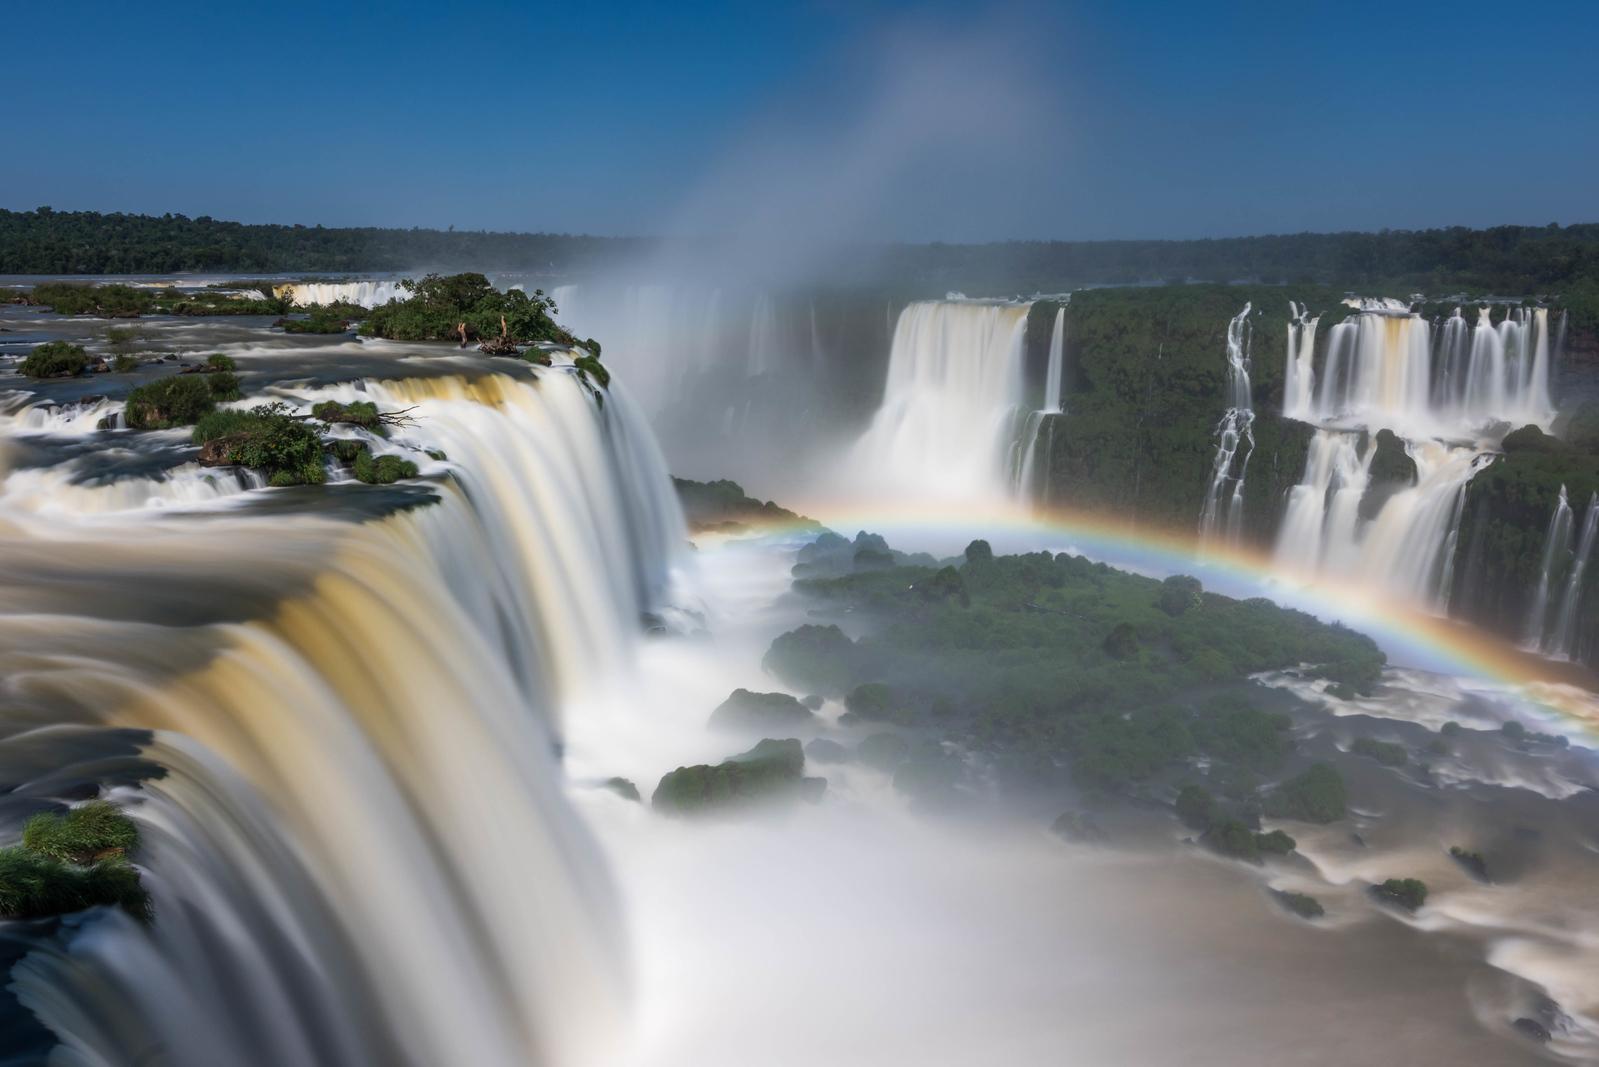 Iguassu Falls from above